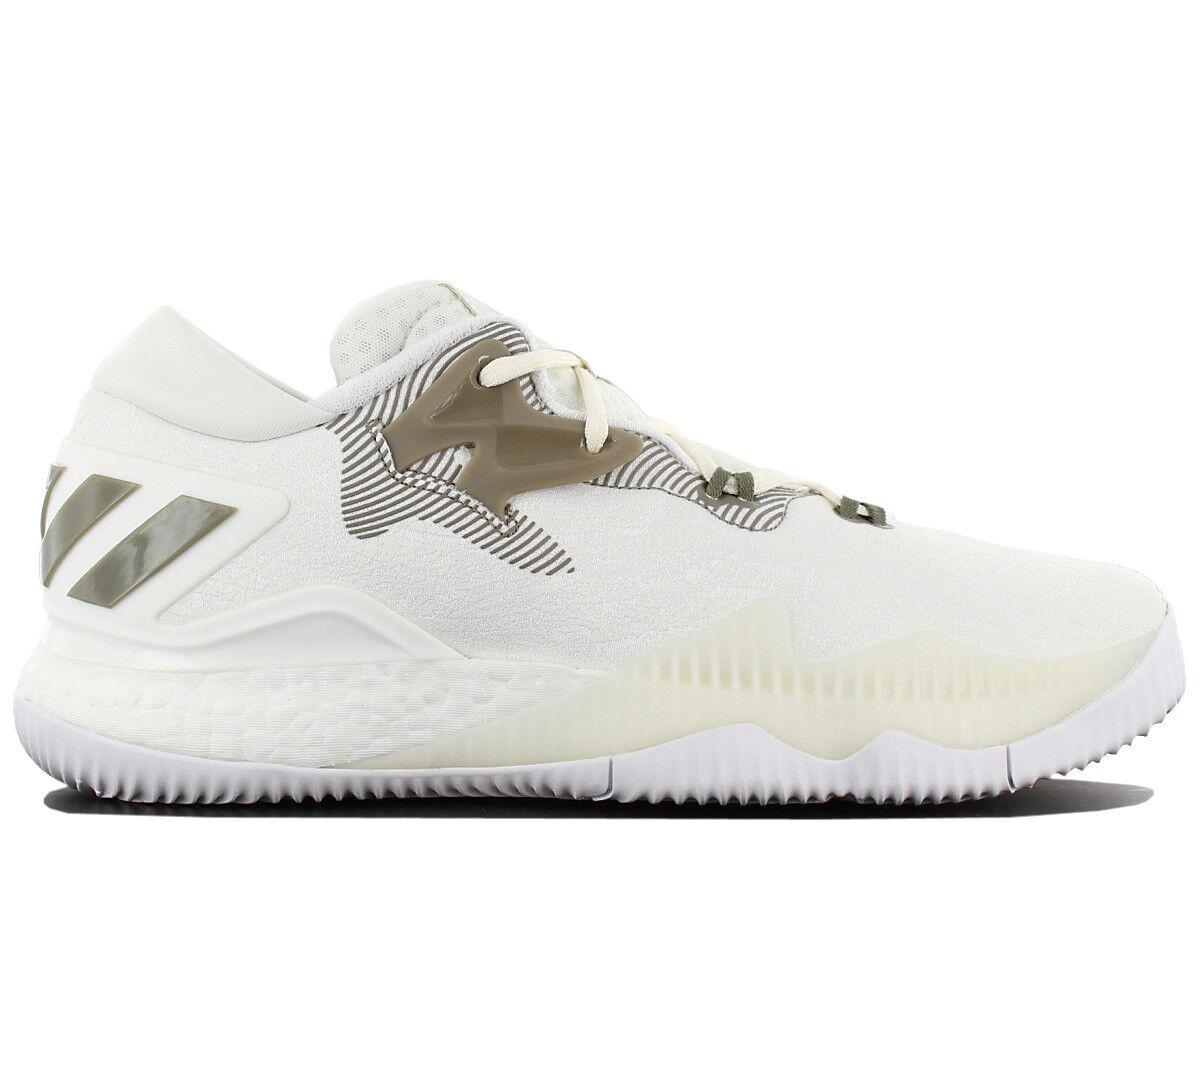 Adidas Crazylight Boost Low Herren Basketballschuhe Turnschuhe Schuhe CQ1198 NEU